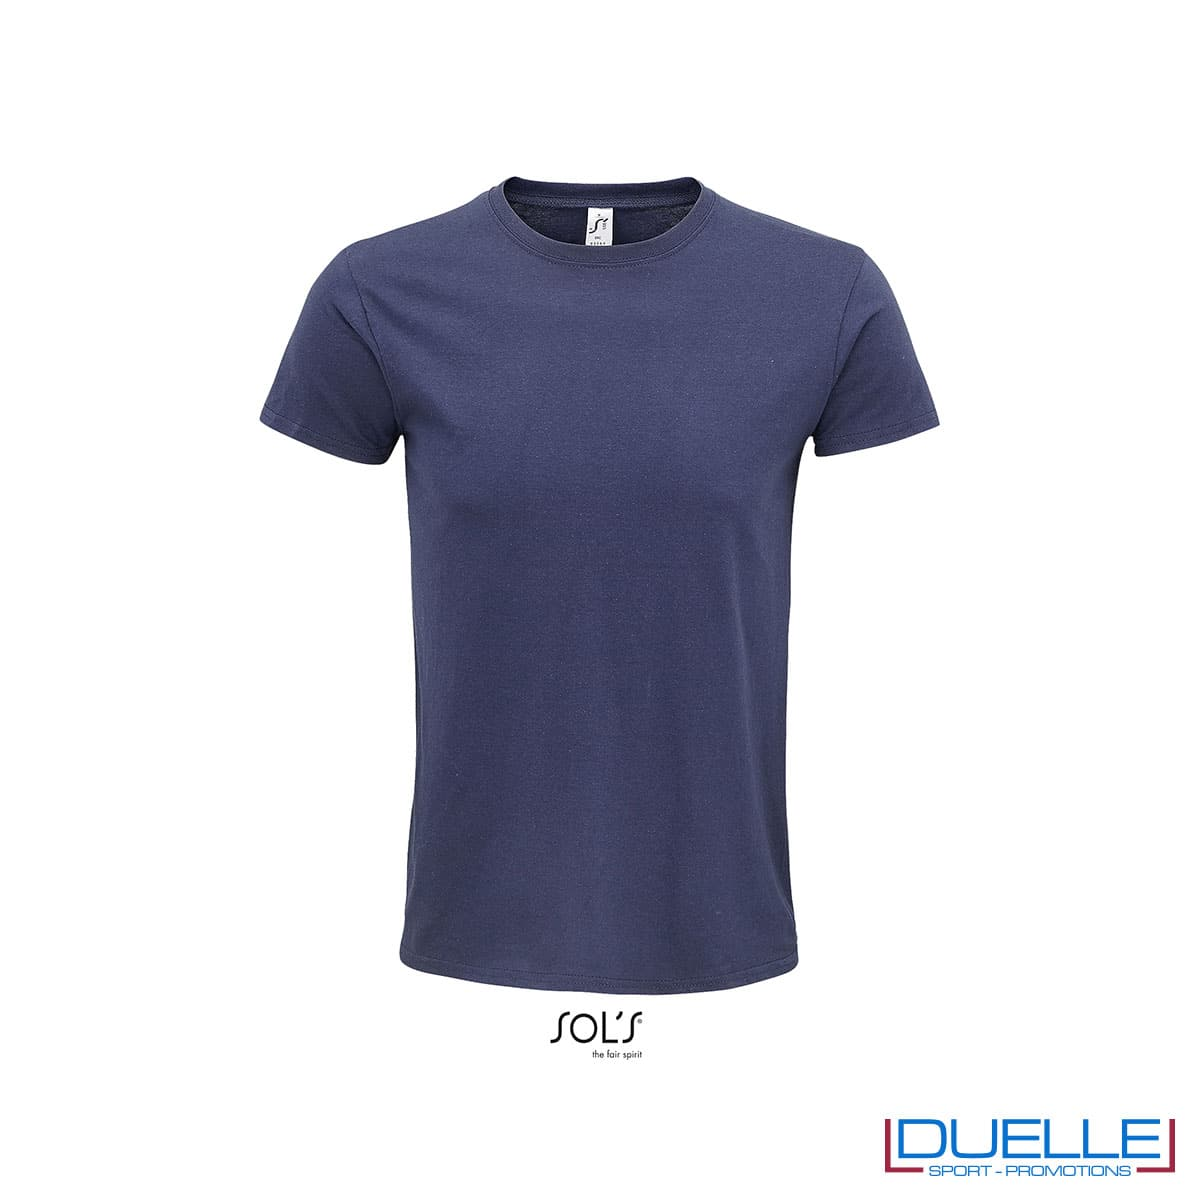 T-shirt ecosostenibile in cotone biologico colore blu personalizzata